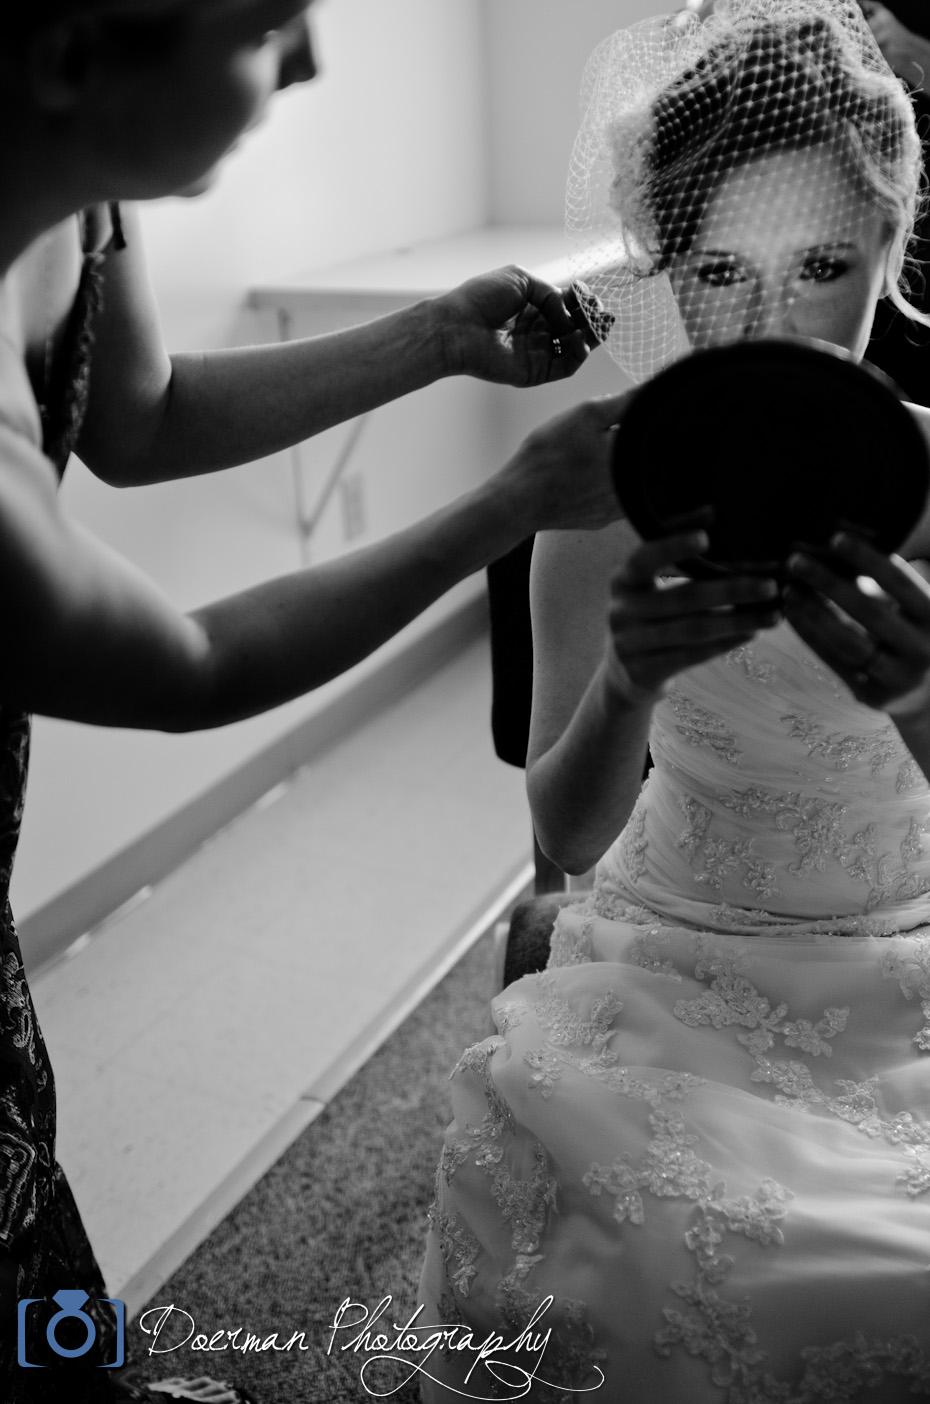 Doerman Nashville Wedding Photographers